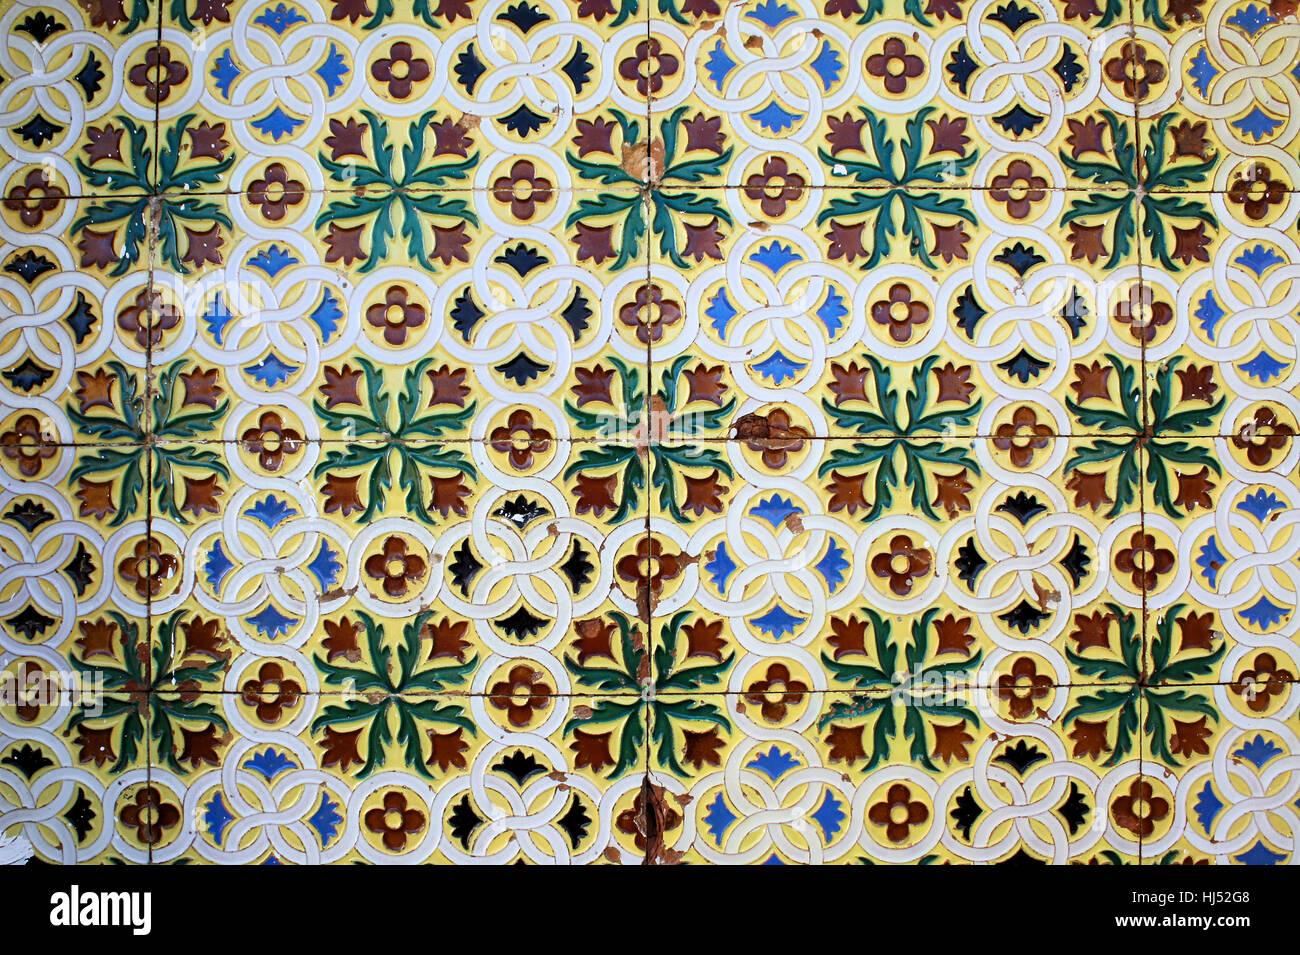 Coloured Ceramics Tiles Stock Photos Coloured Ceramics Tiles Stock